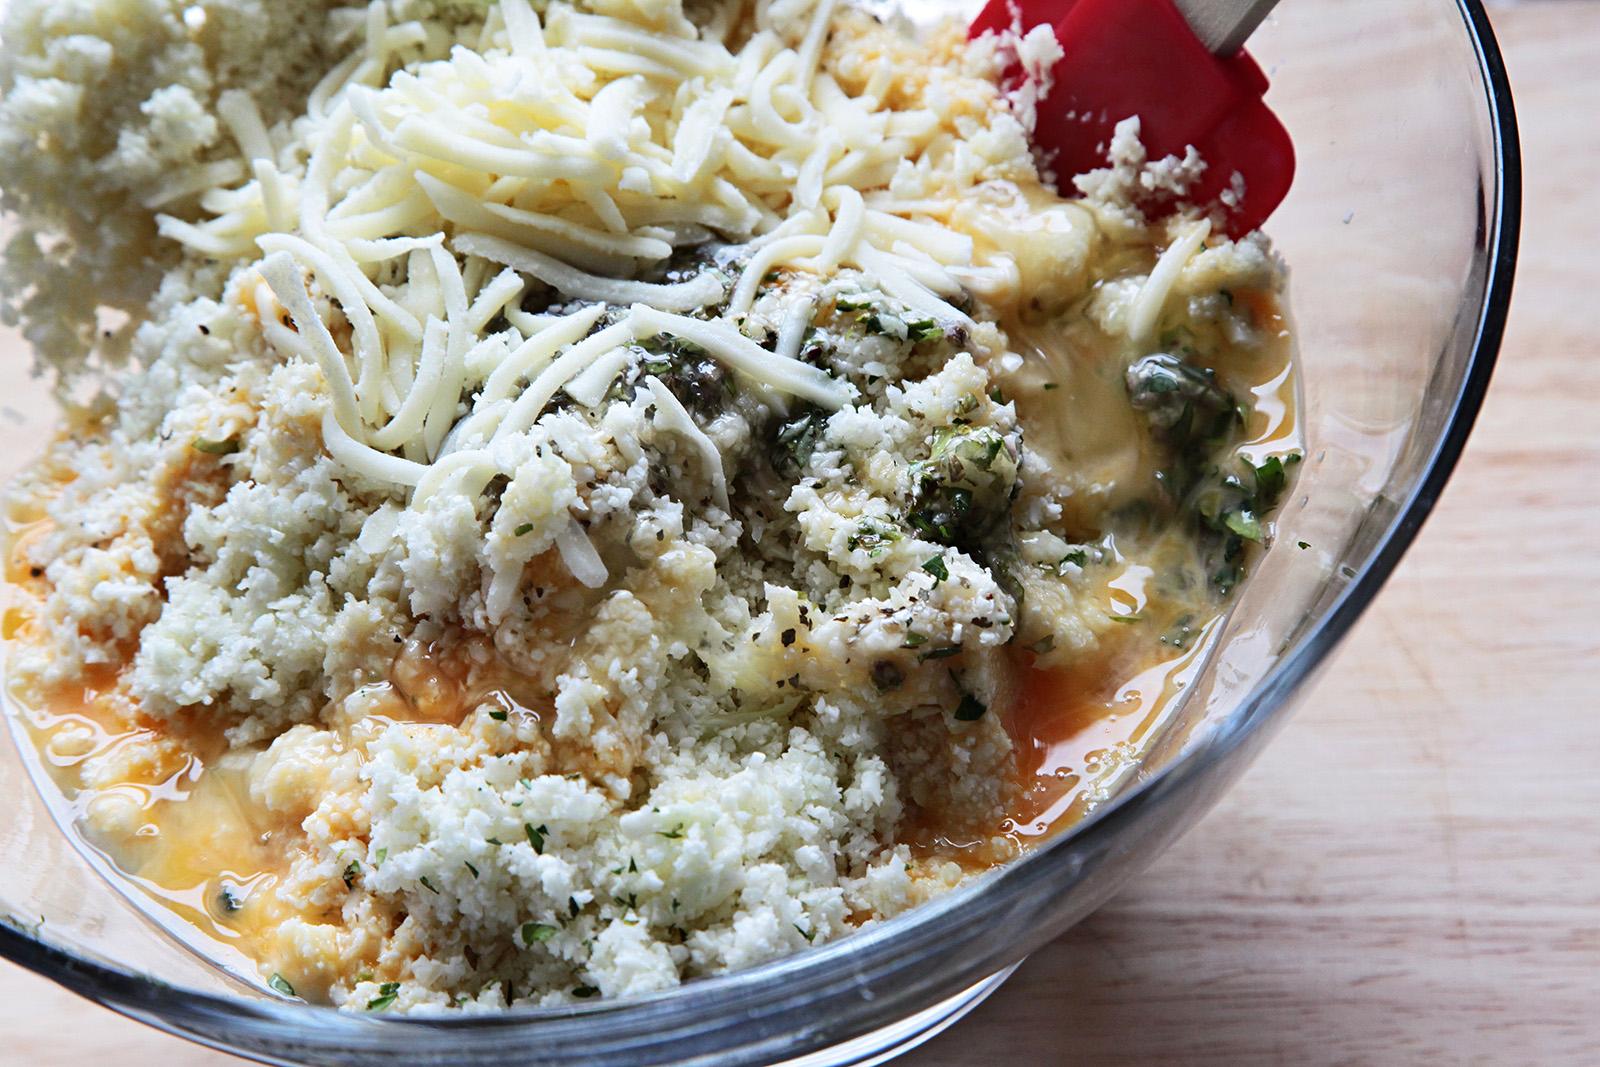 Sýr je možno vynechat a přidat bezlepkovou mouku